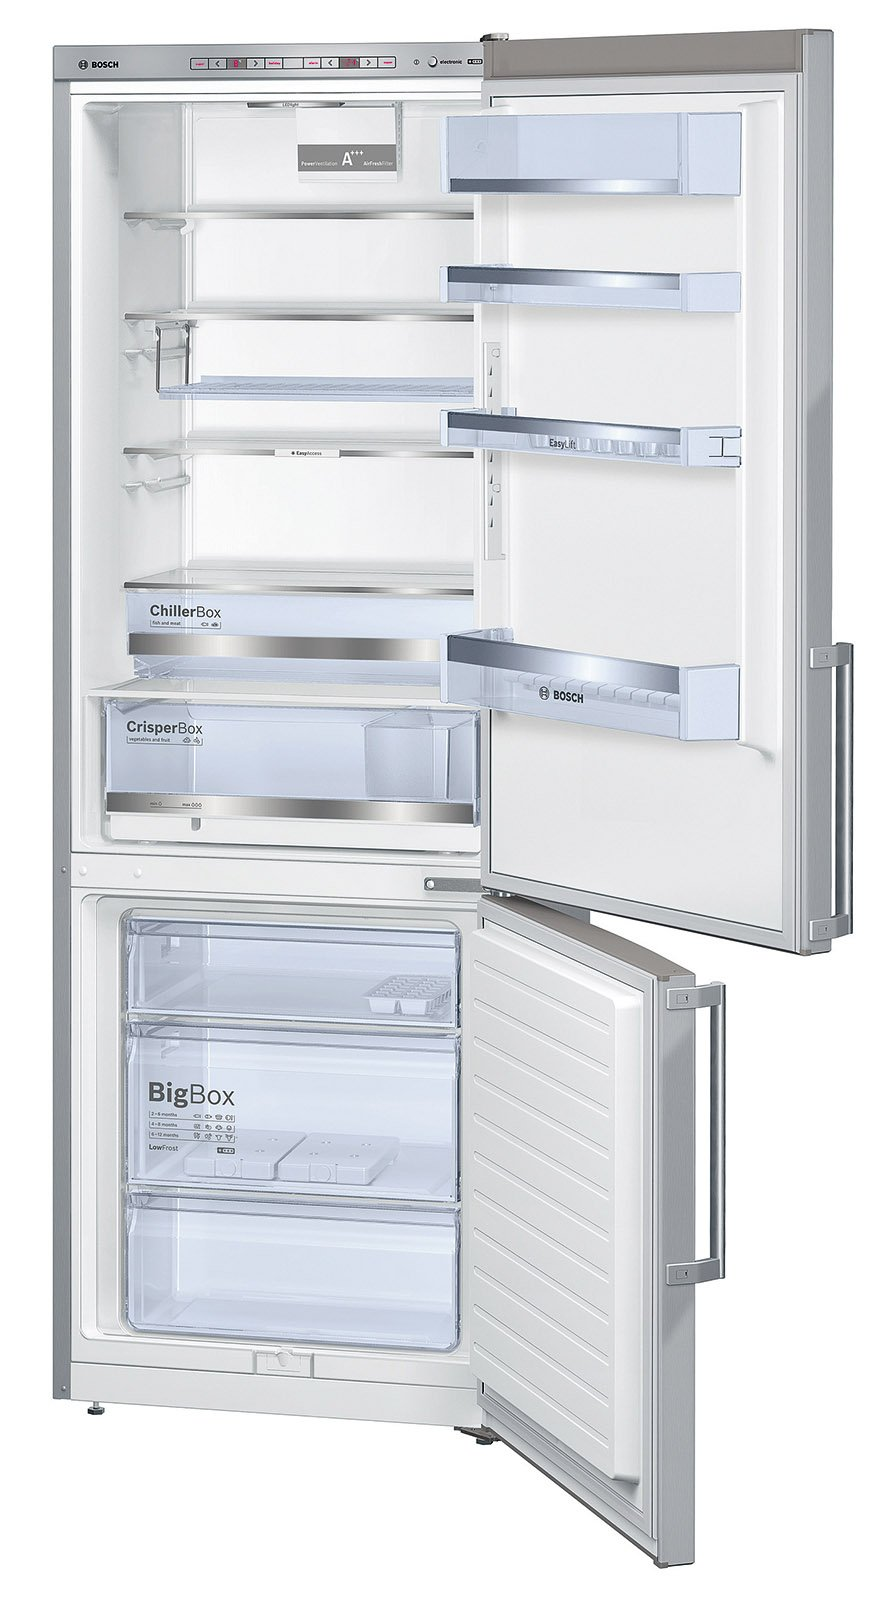 Frigoriferi che non si sbrinano: con la tecnologia No-frost risparmi ...